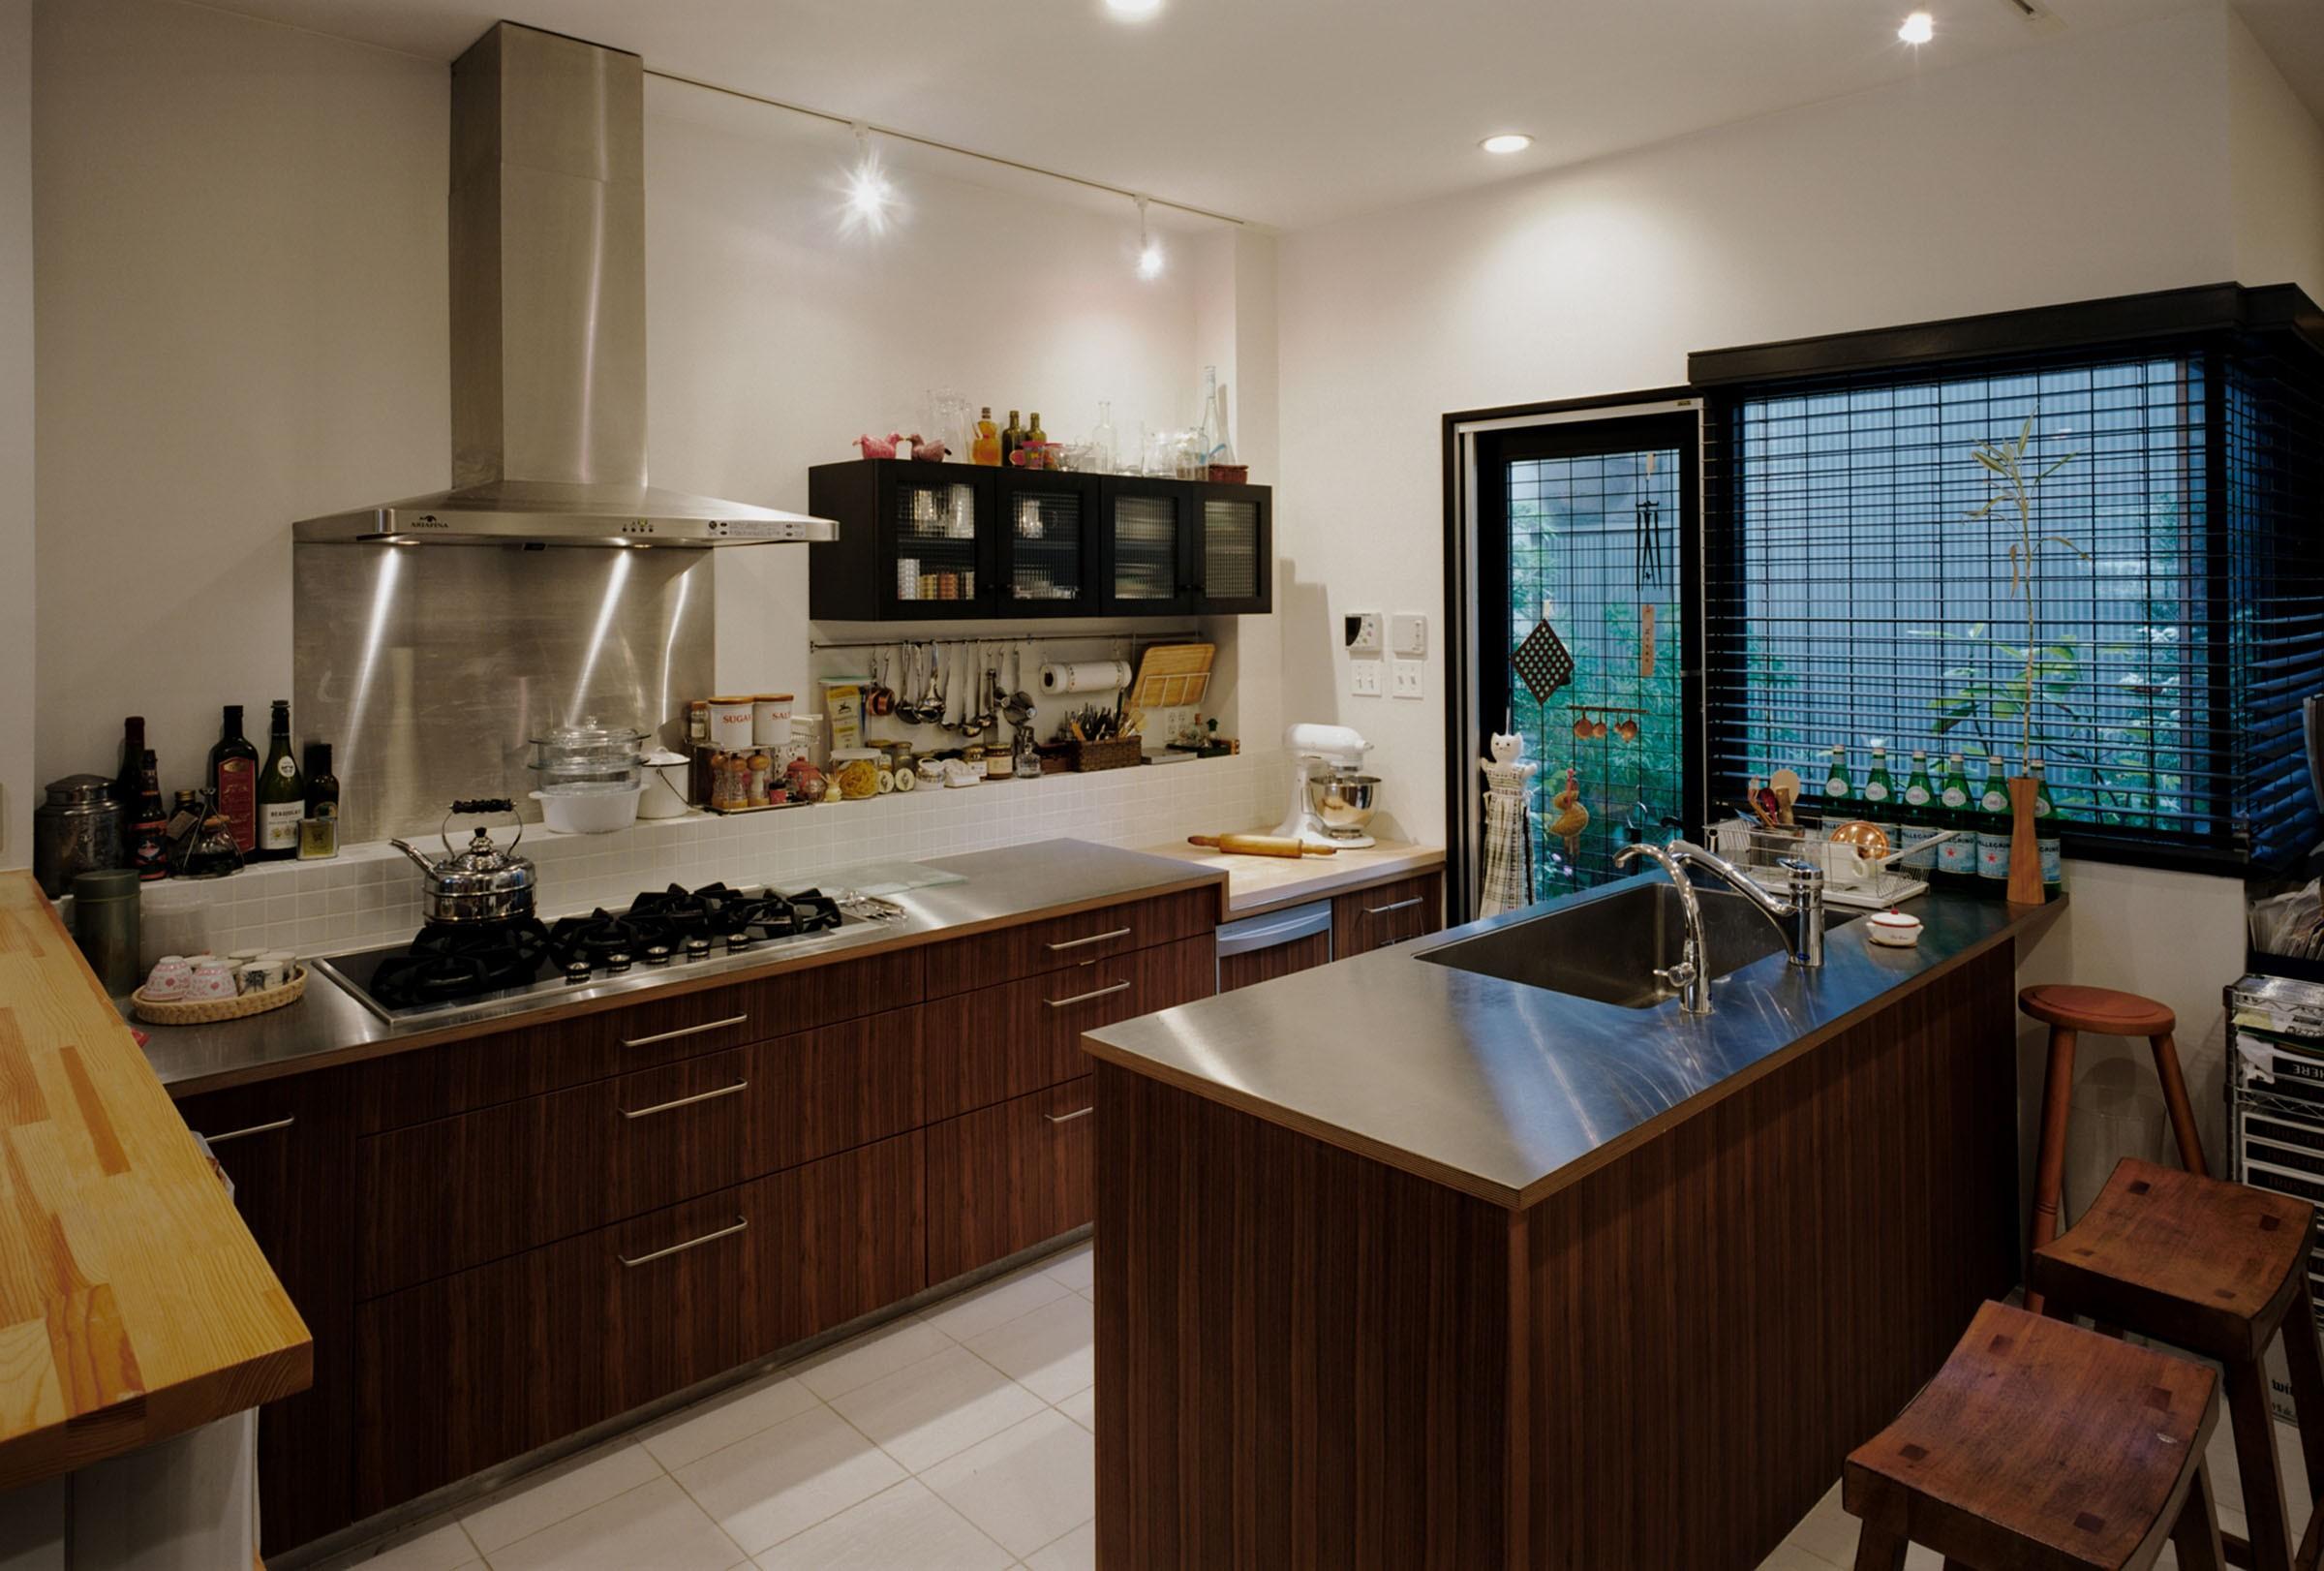 リビングダイニング事例:キッチンと中庭(サロンのある家 ー汚れても、古くなっても、可愛いおうち。オランダのアパートメントのような家ー)